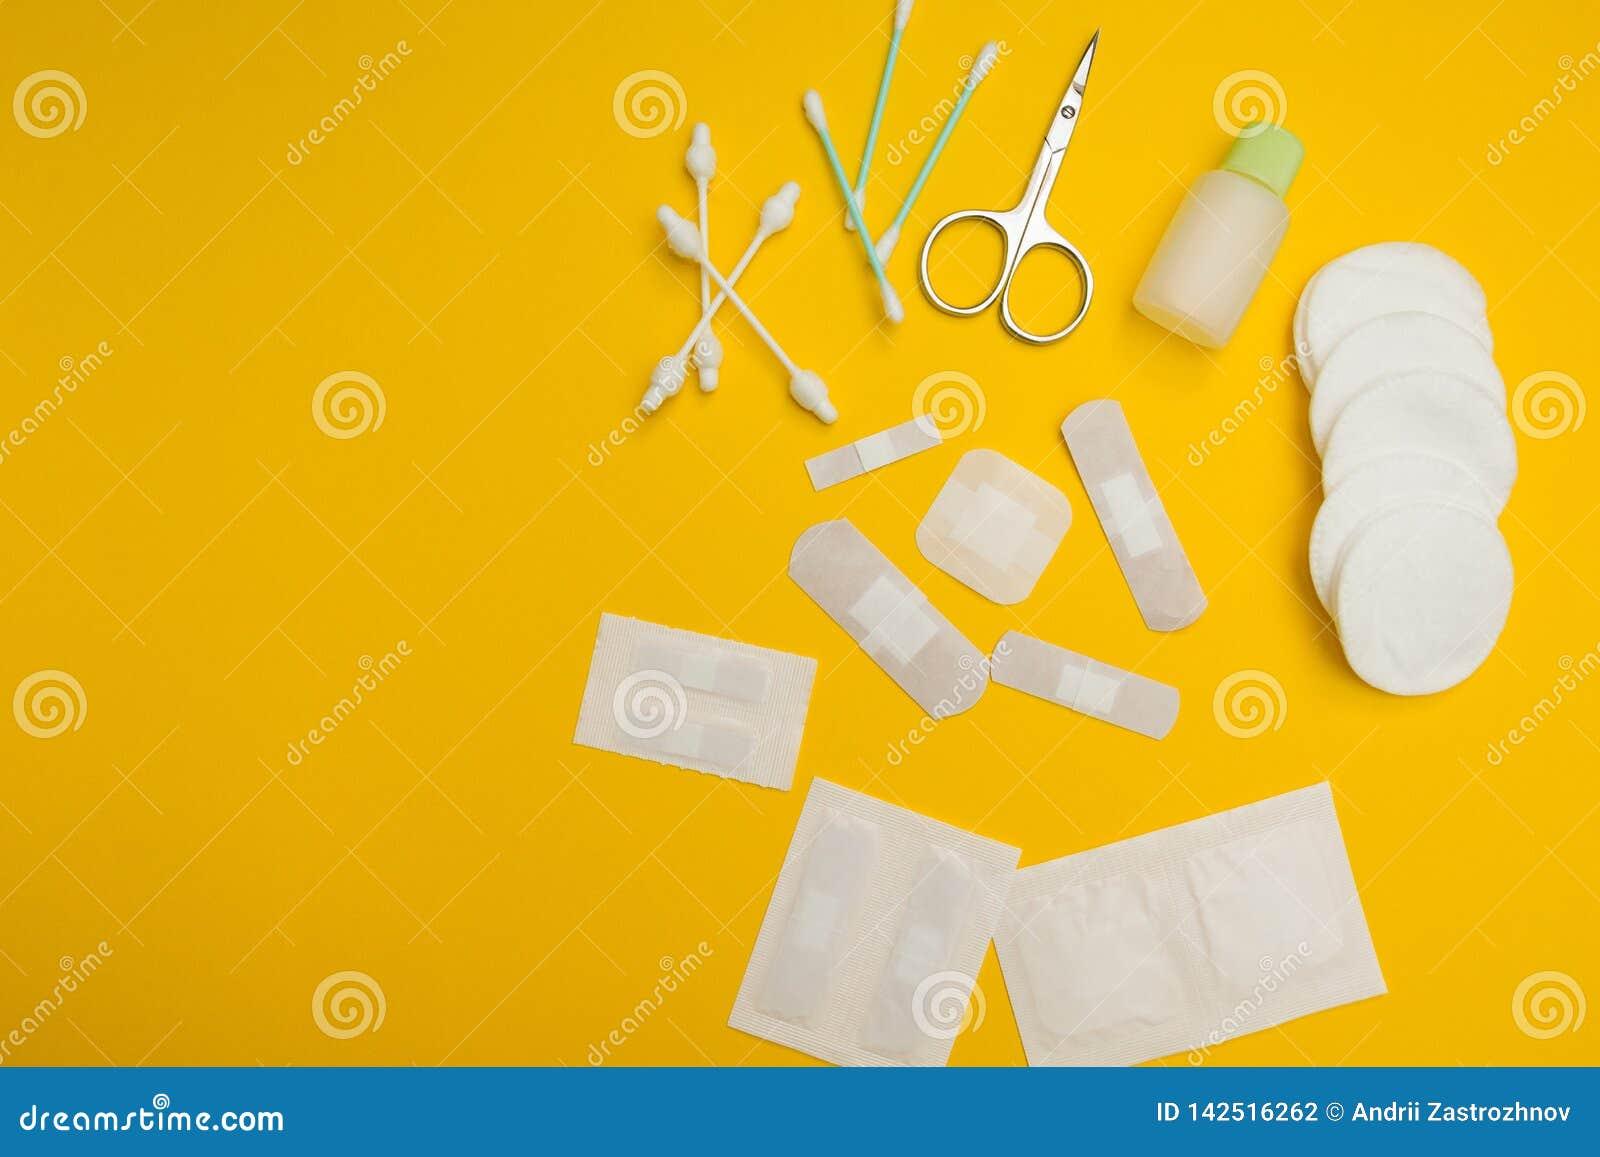 Lapparna av olika format och former för behandling av ull- och hudorganskador